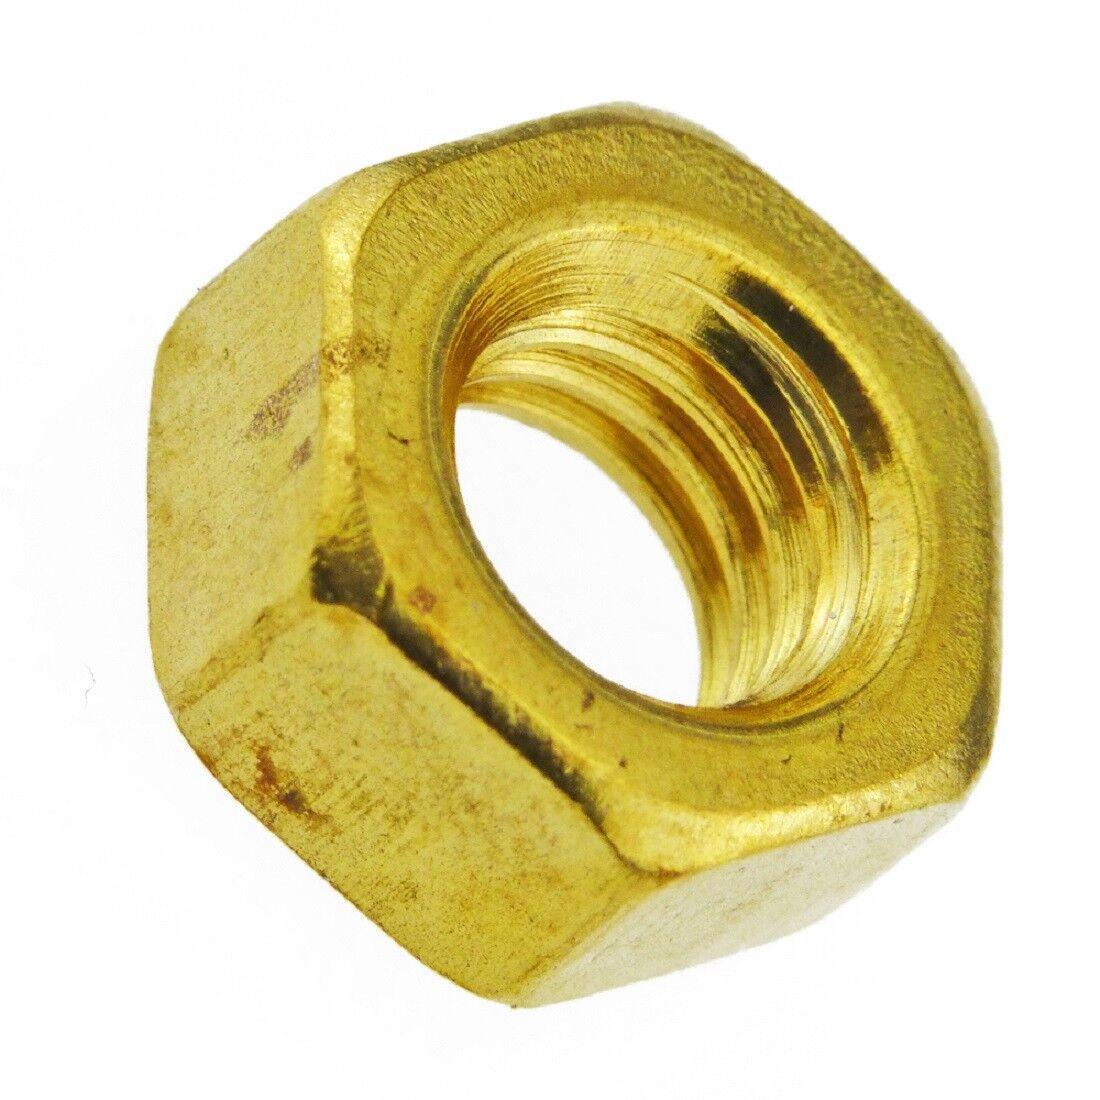 Sechskantmuttern Sechskant Muttern - DIN 934 - DIN EN ISO 4032 - Messing blank